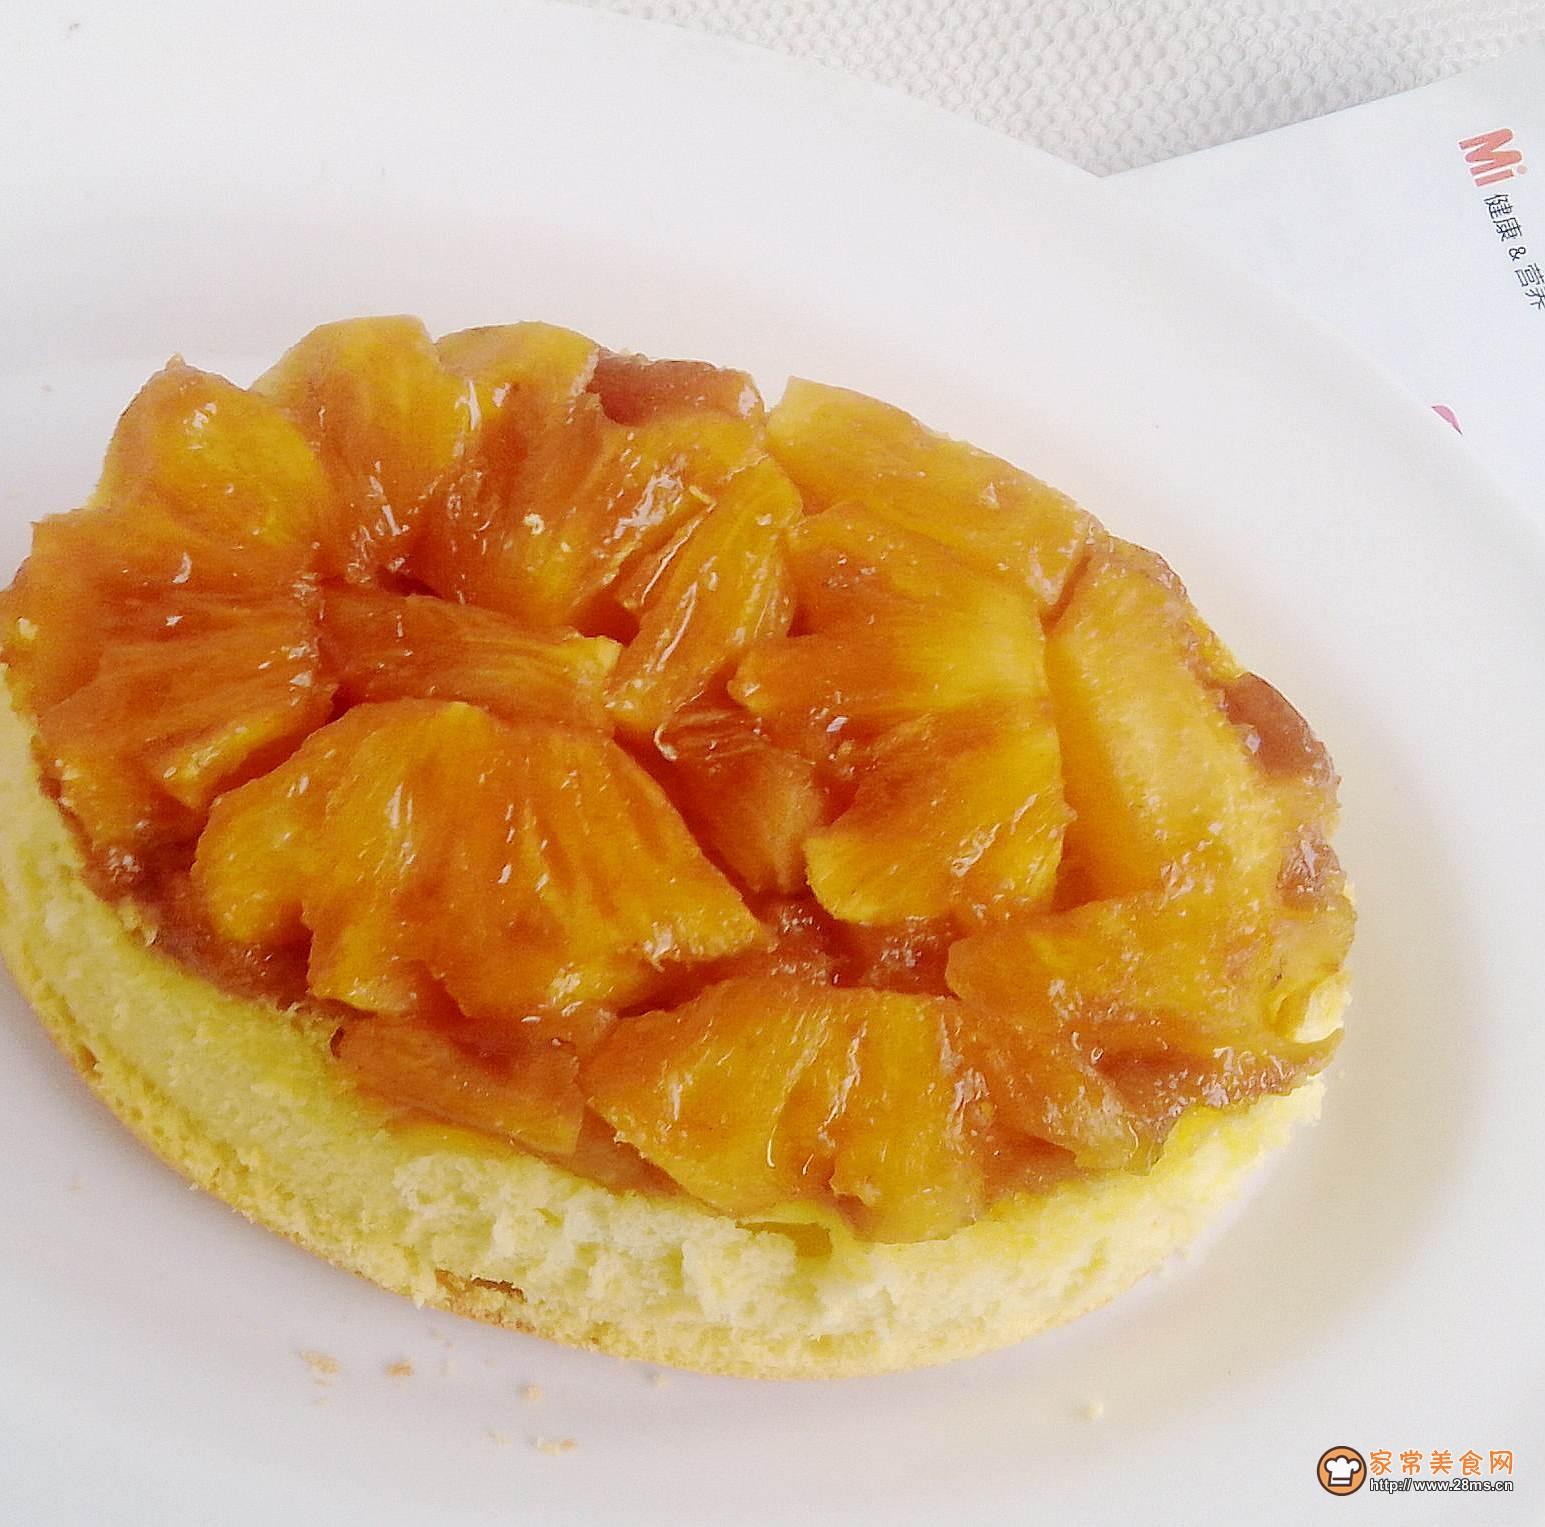 反转菠萝蛋糕的做法_怎么做反转菠萝蛋糕图片